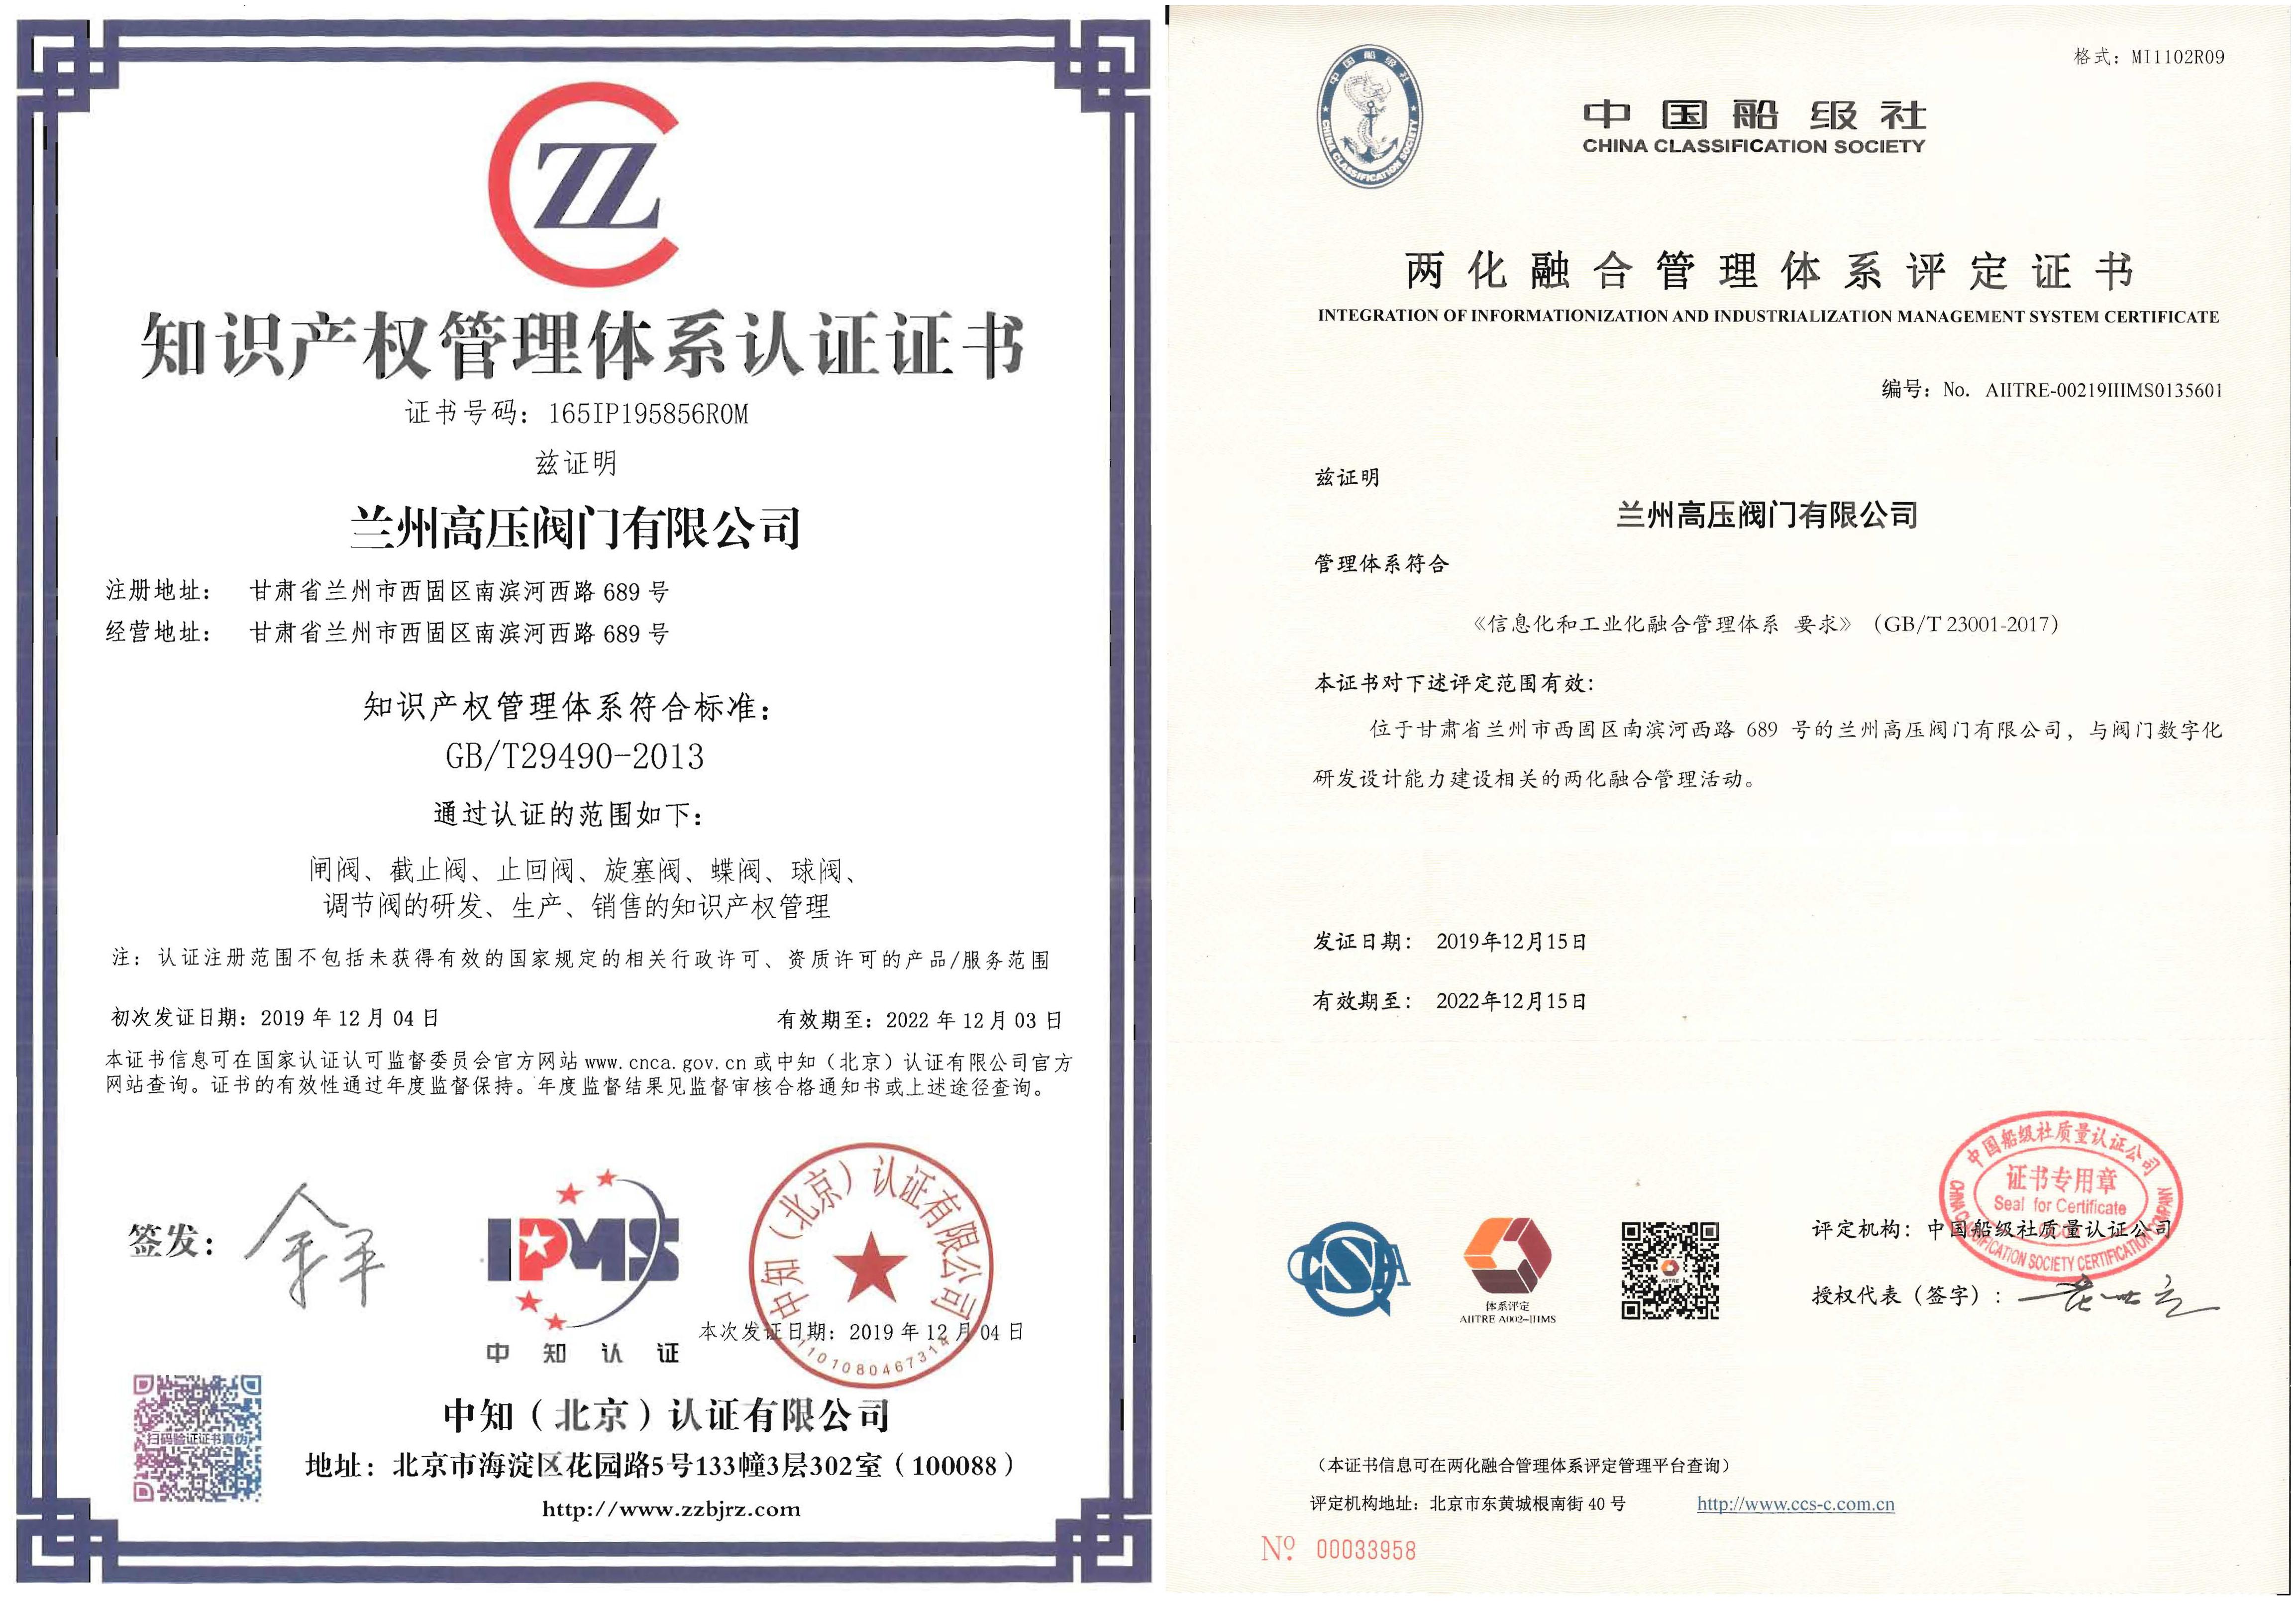 公司顺利通过国家知识产权、两化融合管理体系认证